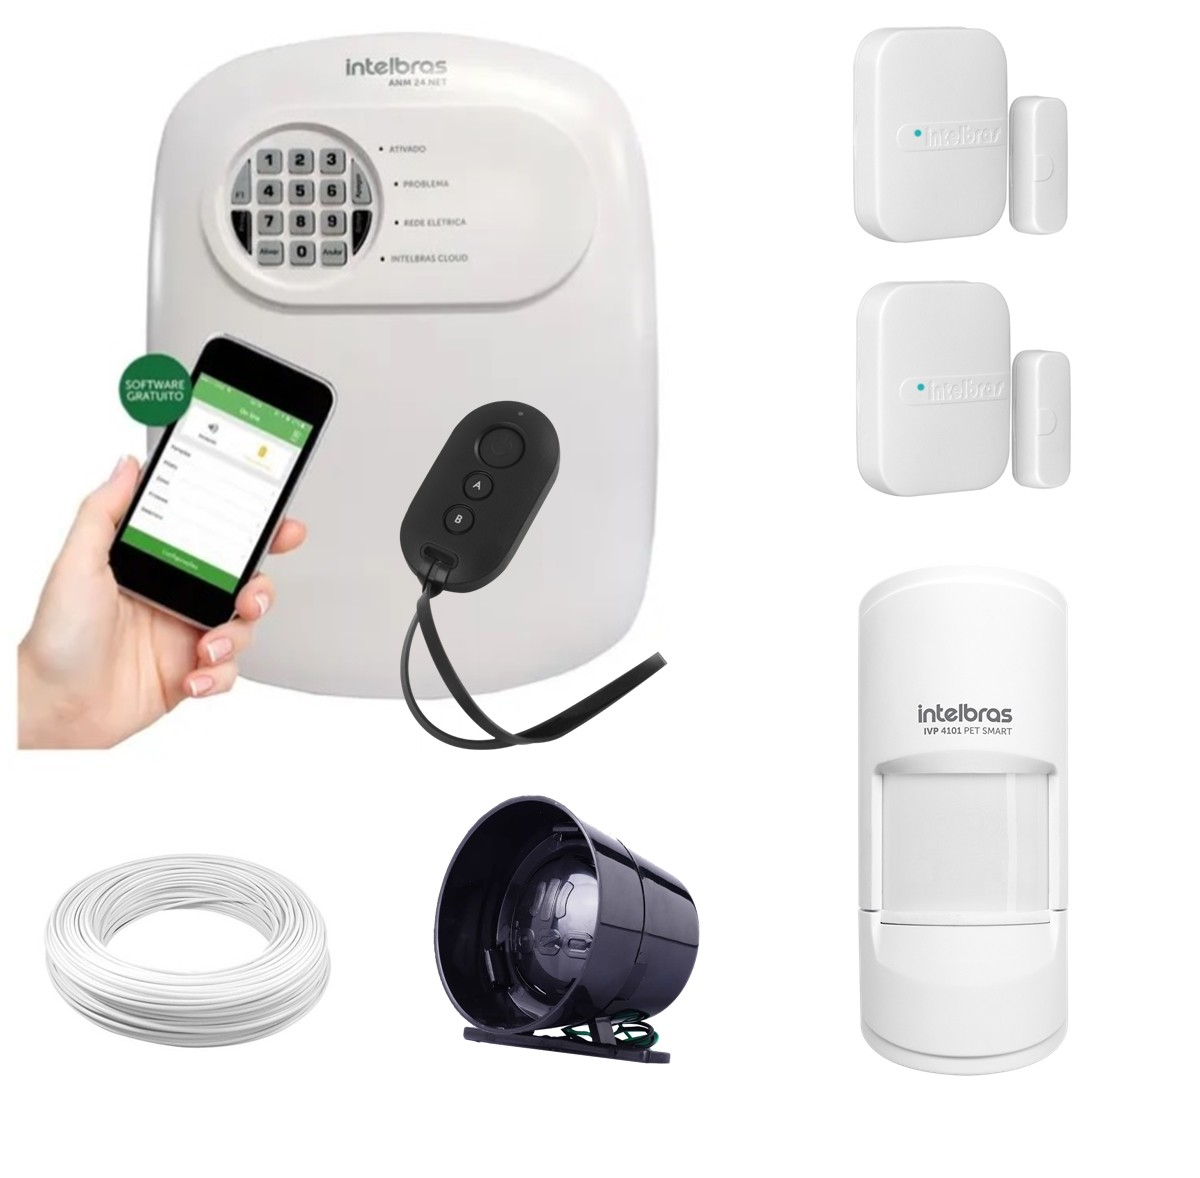 Kit alarme Intelbras ANM 24 Net monitoramento Via aplicativo + 1 sensor infra Pet sem fio e 2 sensores magnético sem fio